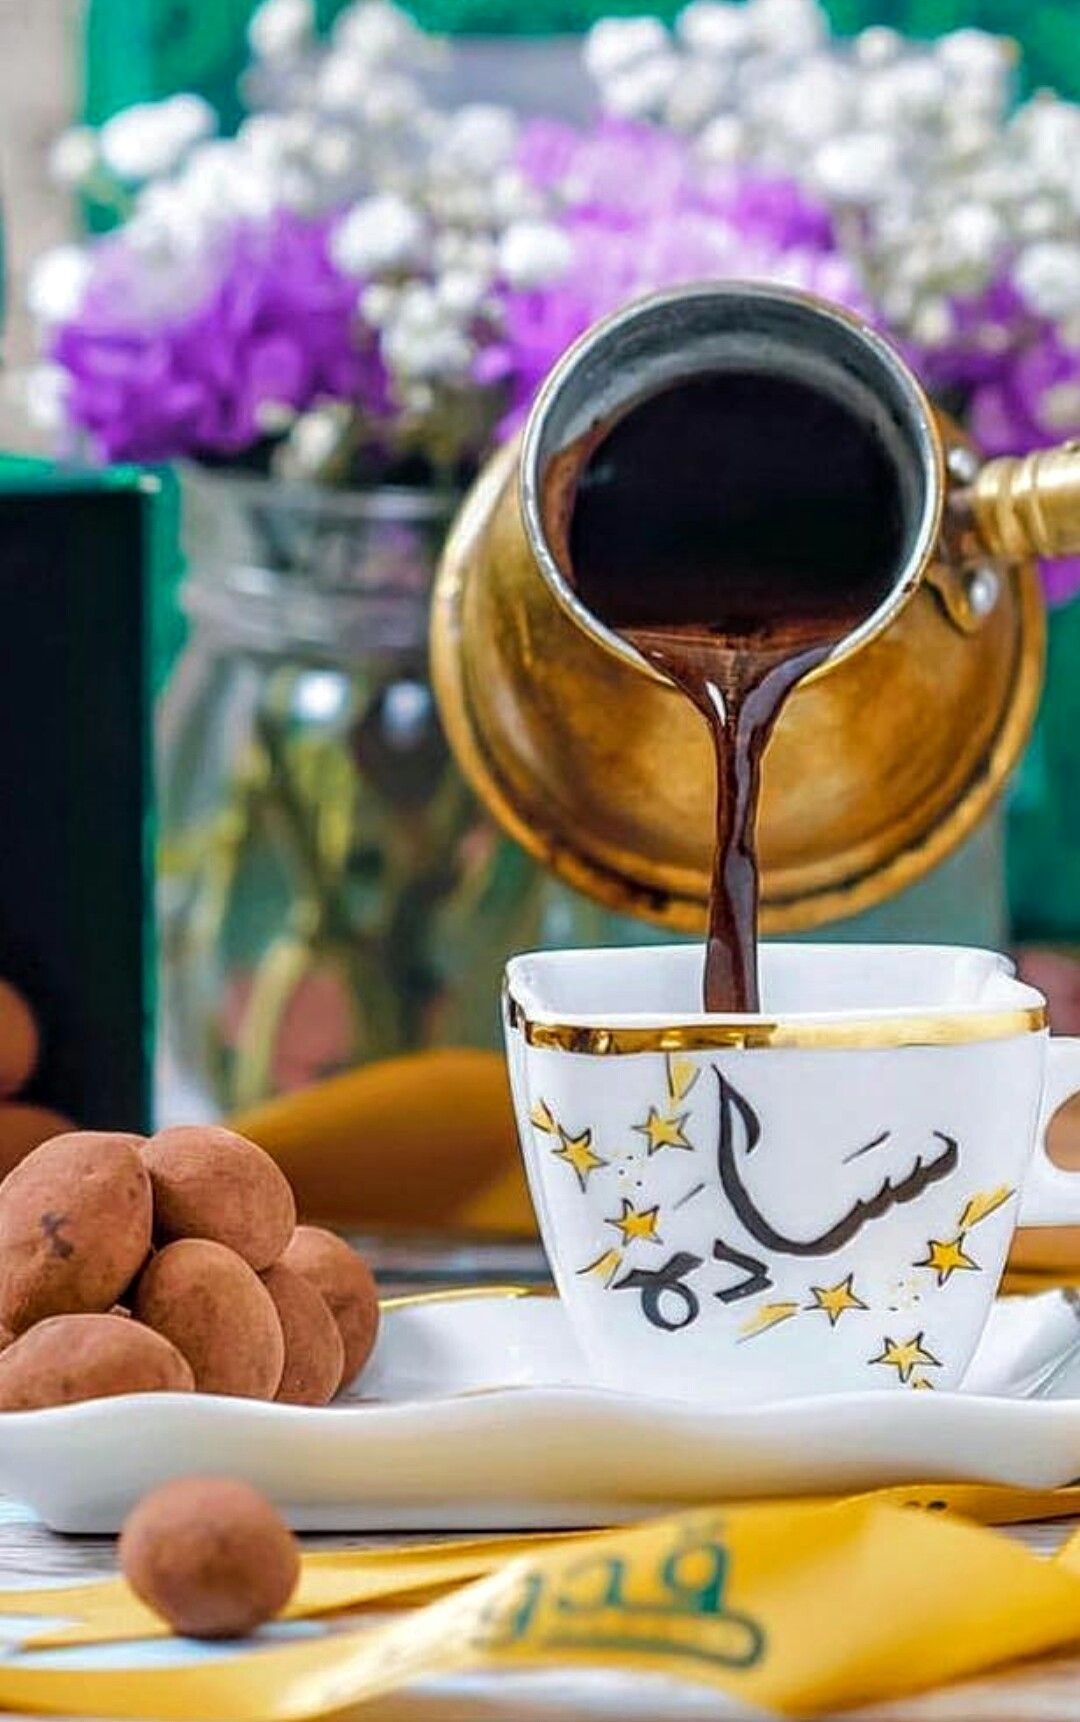 Музыкальное поздравление на армянском с добрым утром, днем